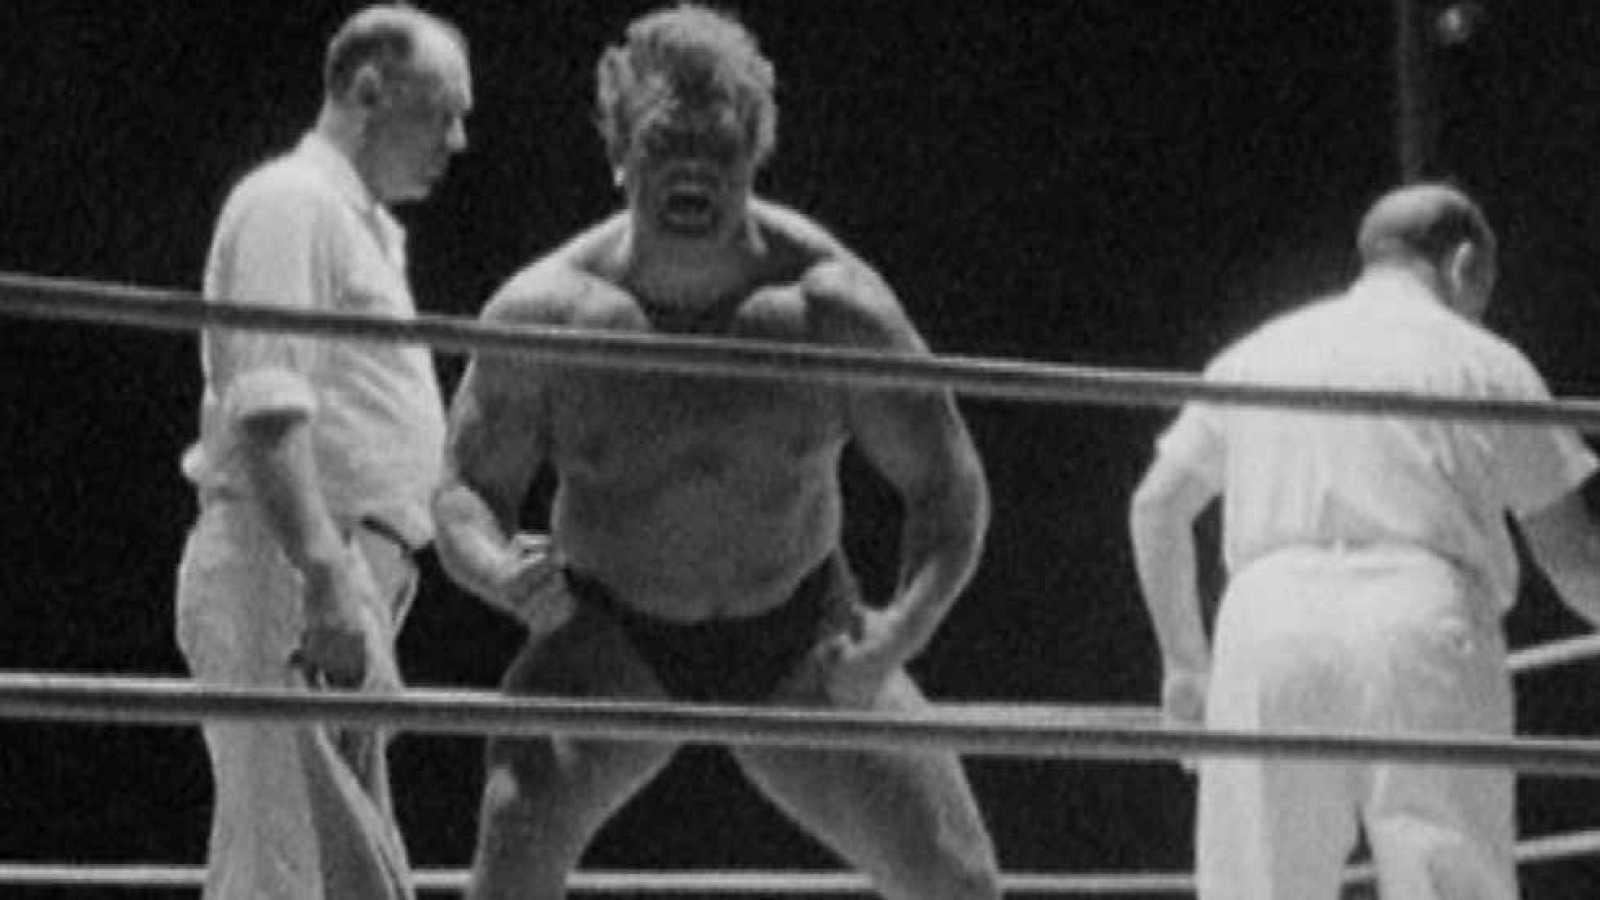 Conexión vintage - Lucha: Hércules Cortés - ver ahora